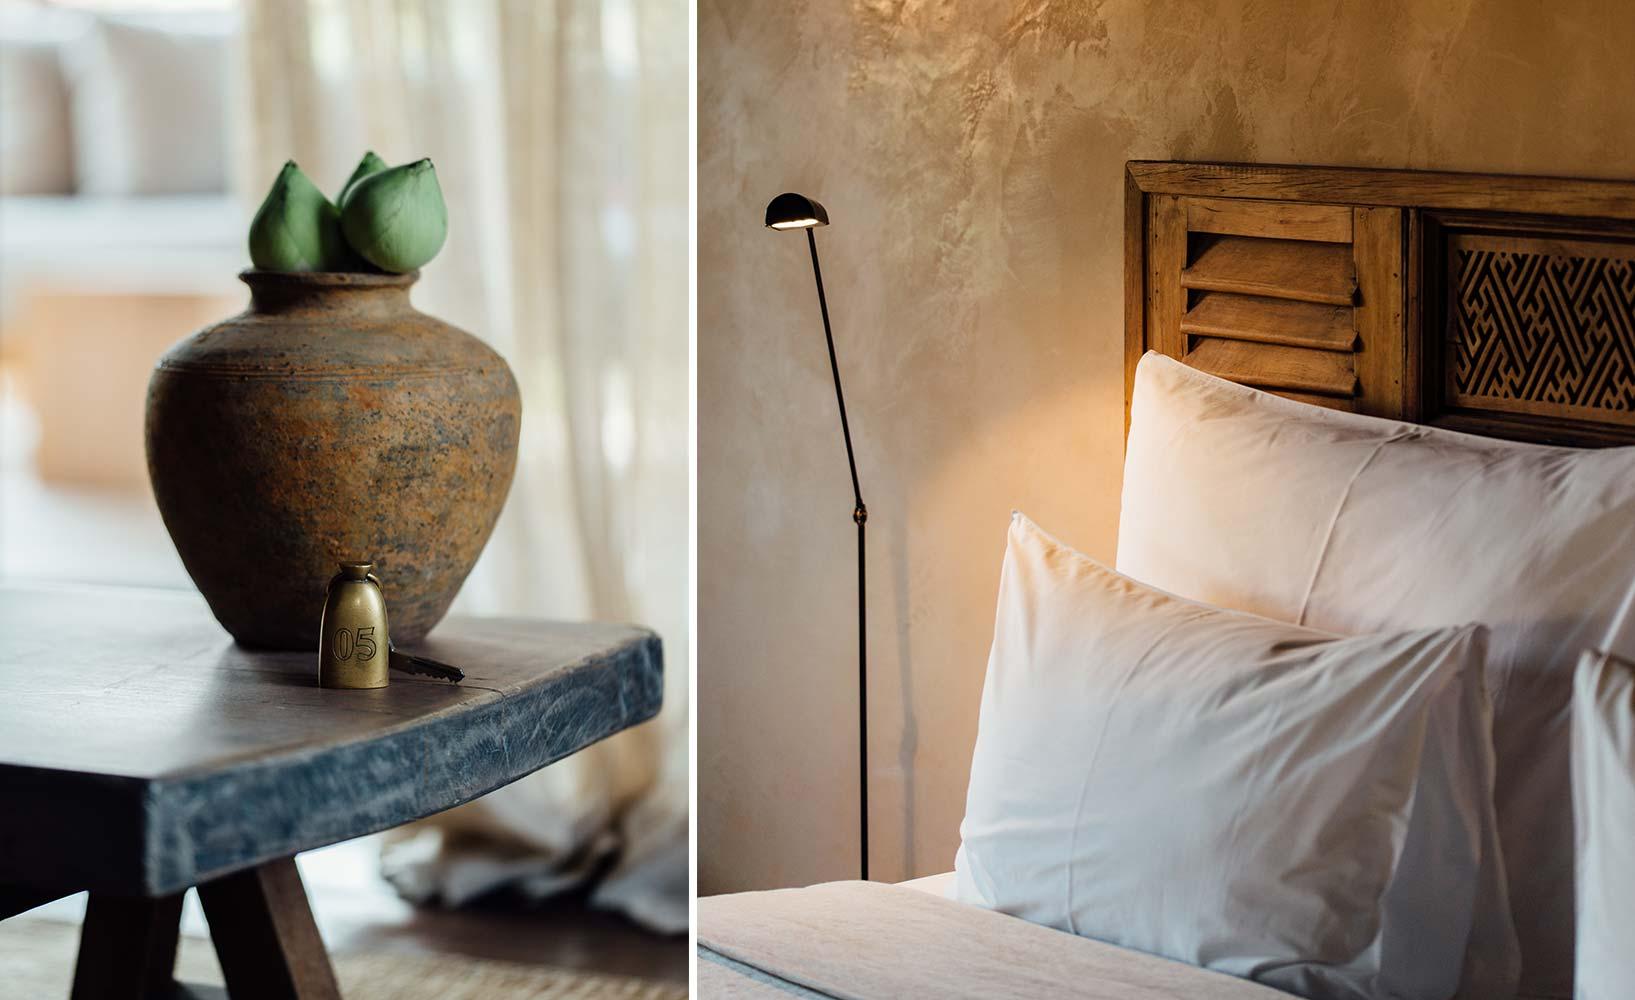 Amazing Einfache Dekoration Und Mobel Authentischer Urlaub Im Designhotel Phum Baitang #8: Interior Design Phum Baitang